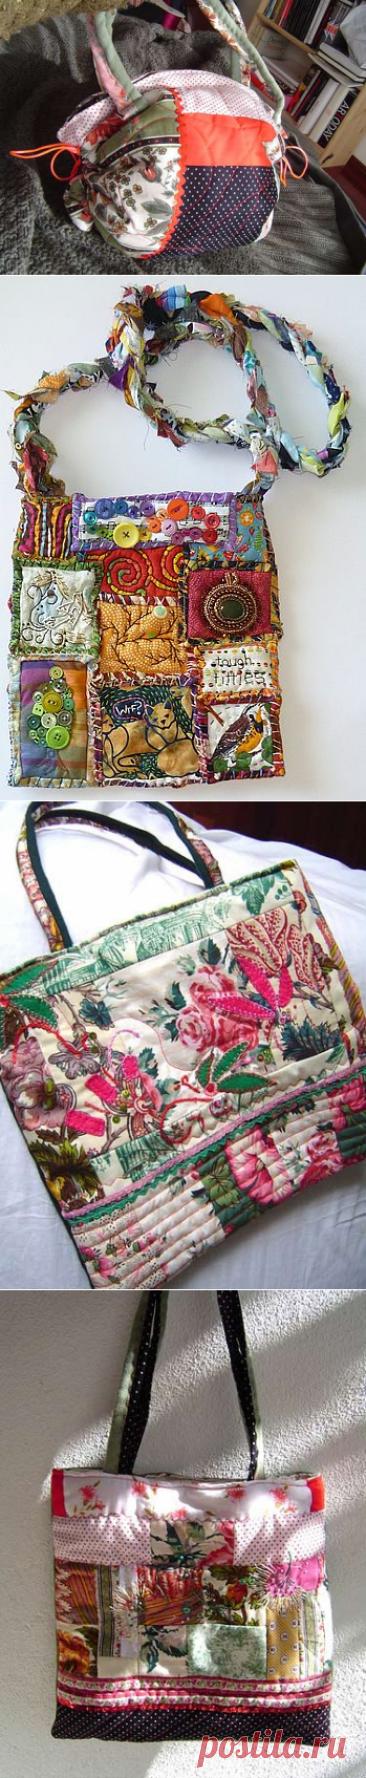 Лоскутные сумки в стиле пэчворк — идеи для вдохновения | Мой Милый Дом — идеи рукоделия, вязание, декорирование интерьеров